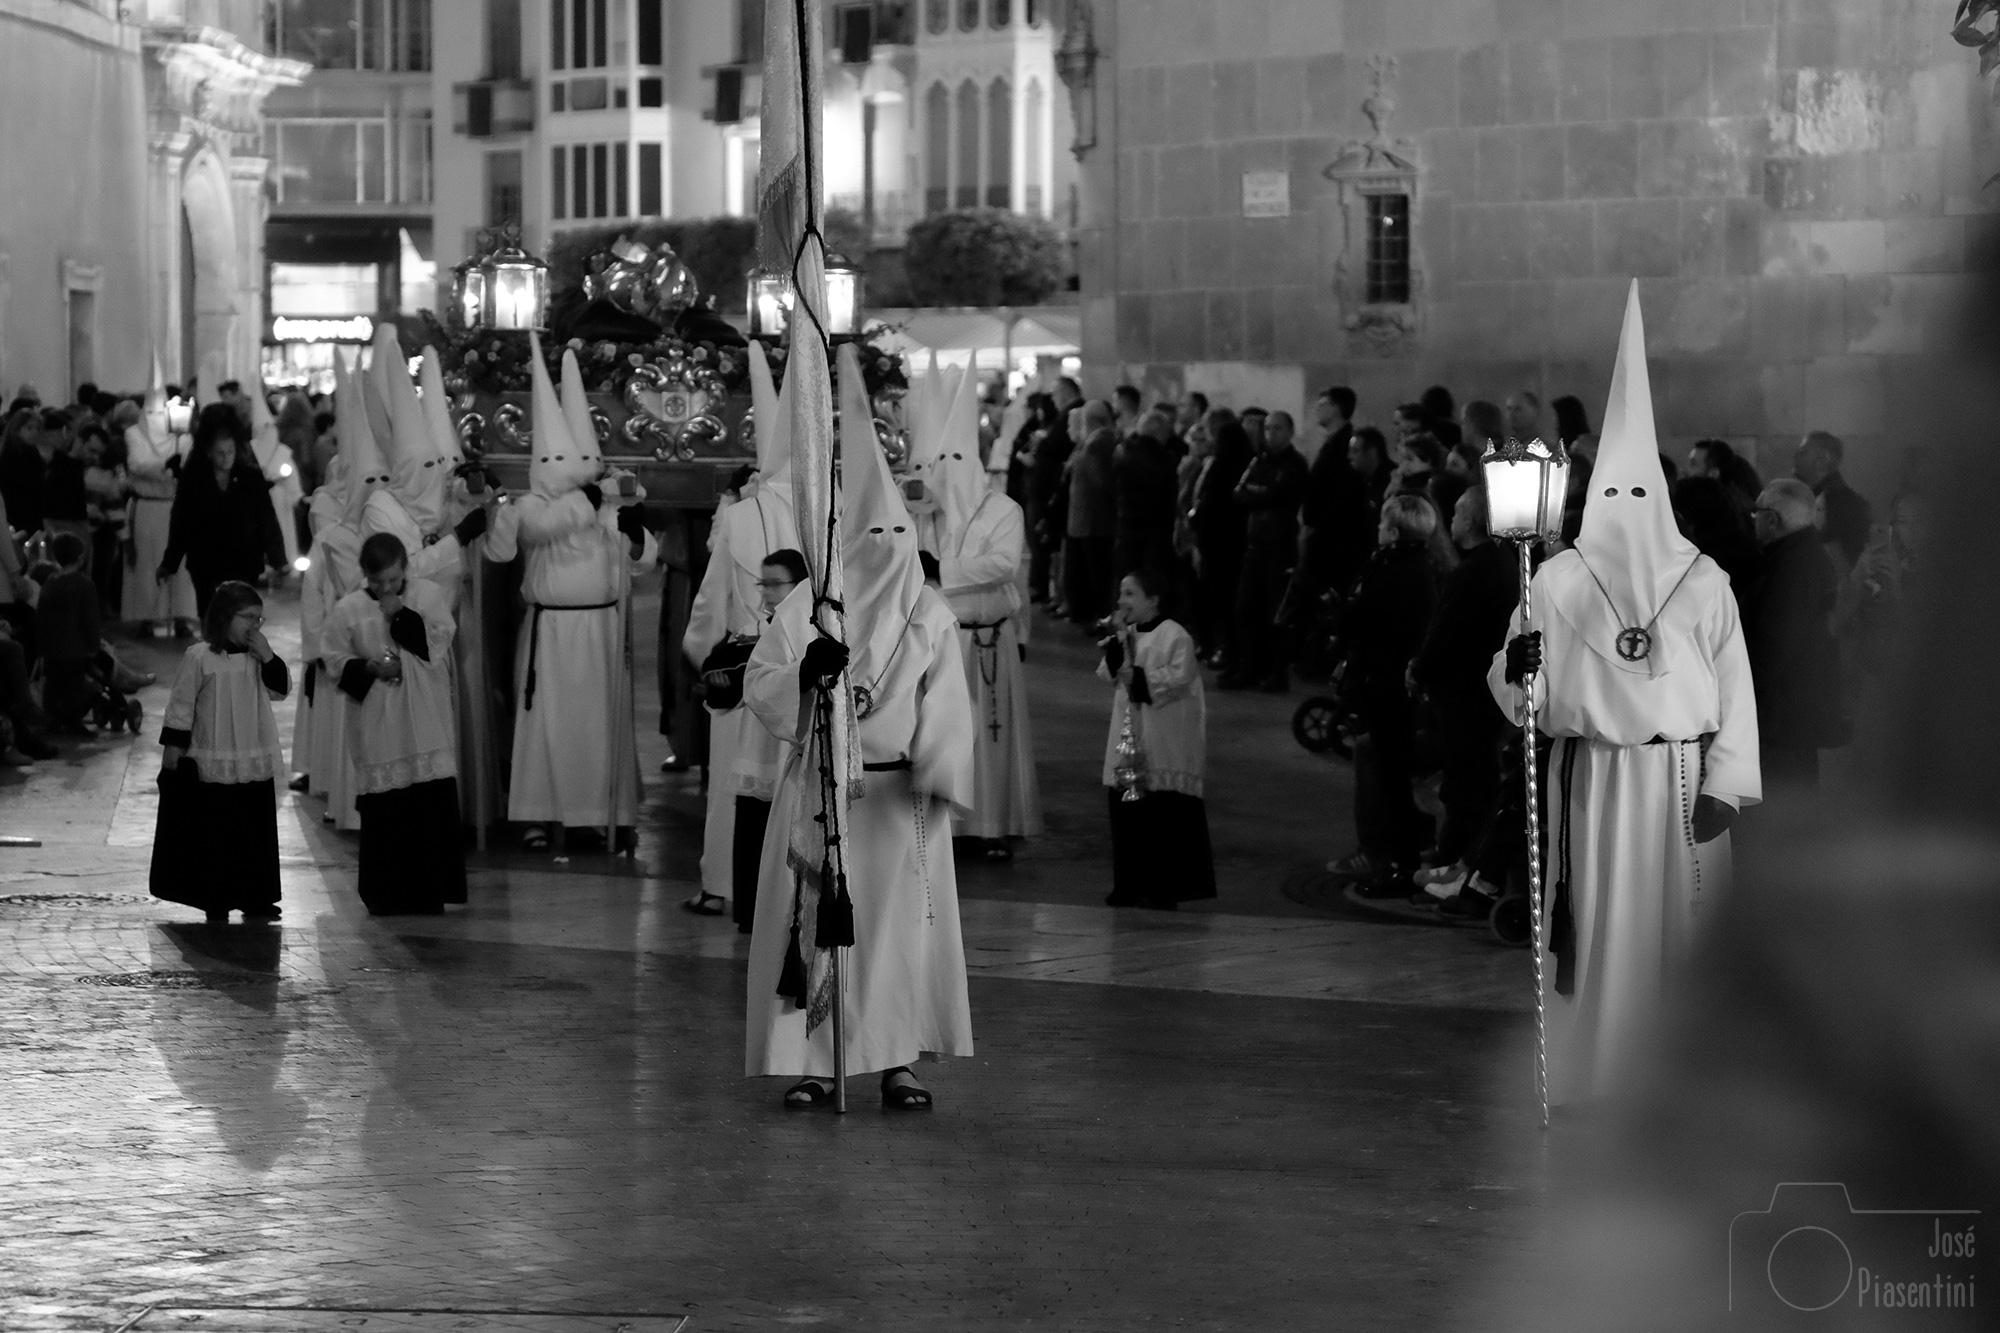 Procesiones-Semana-Santa-Murcia